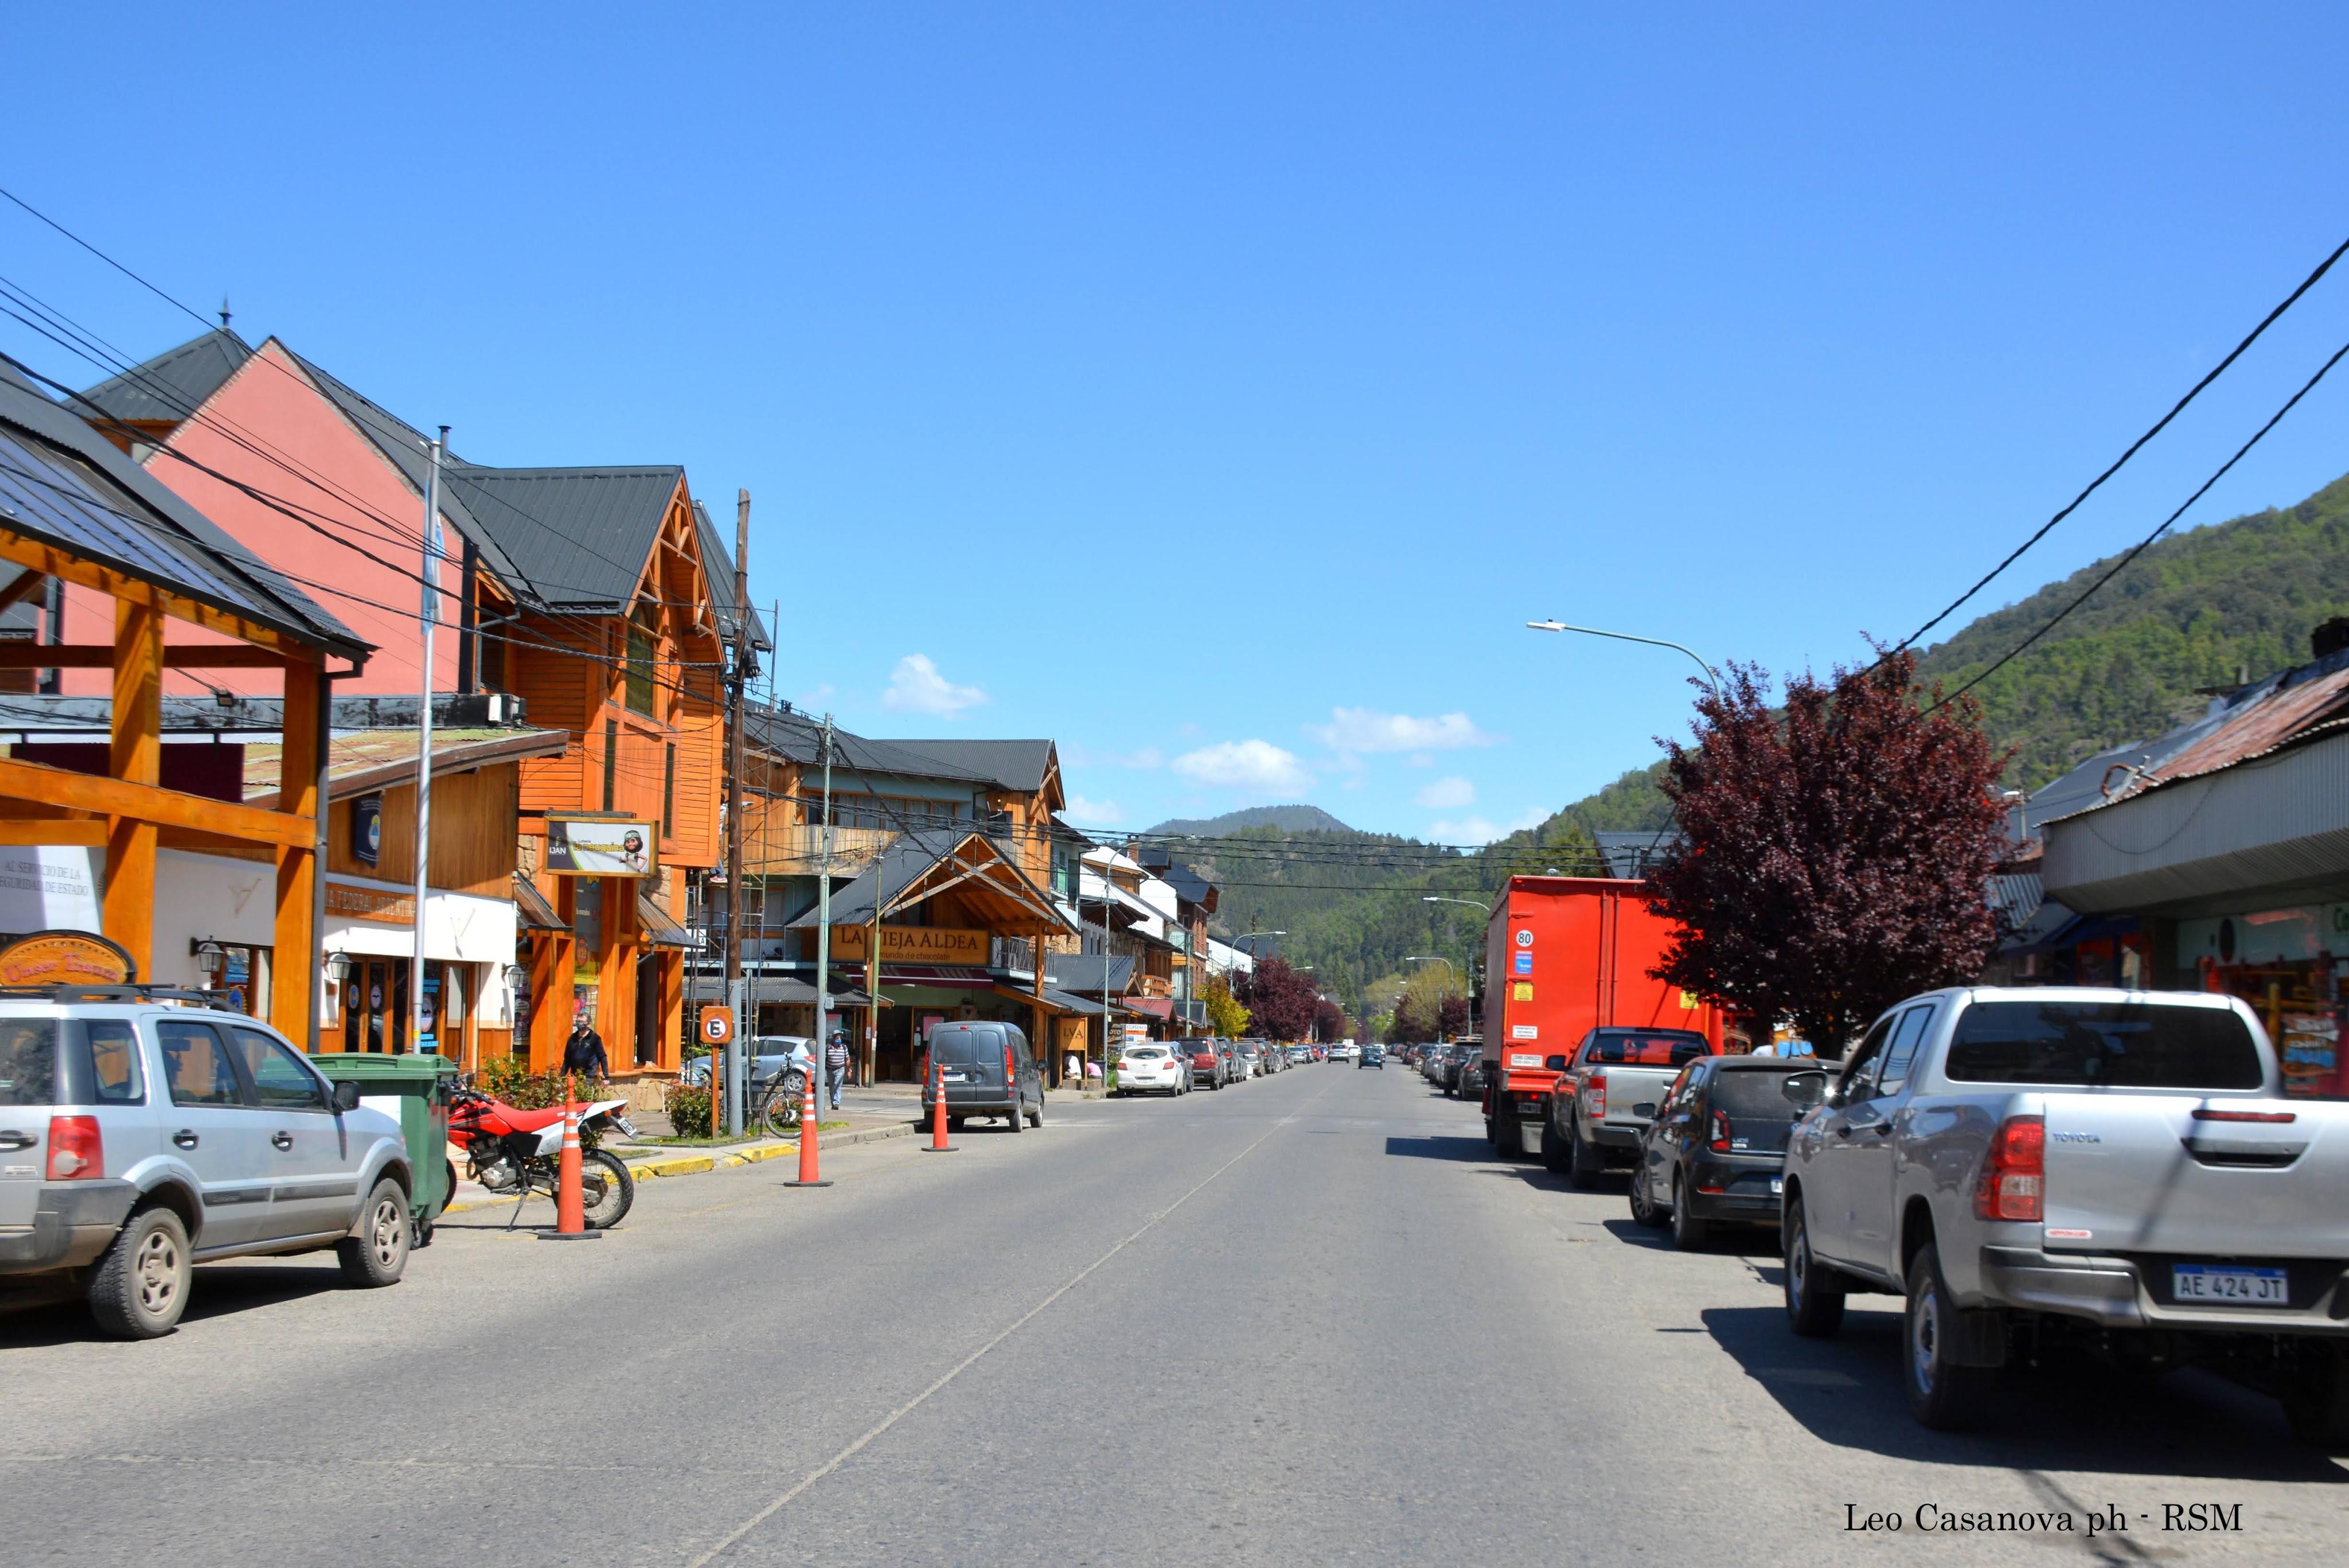 Calles San Martín de los Andes